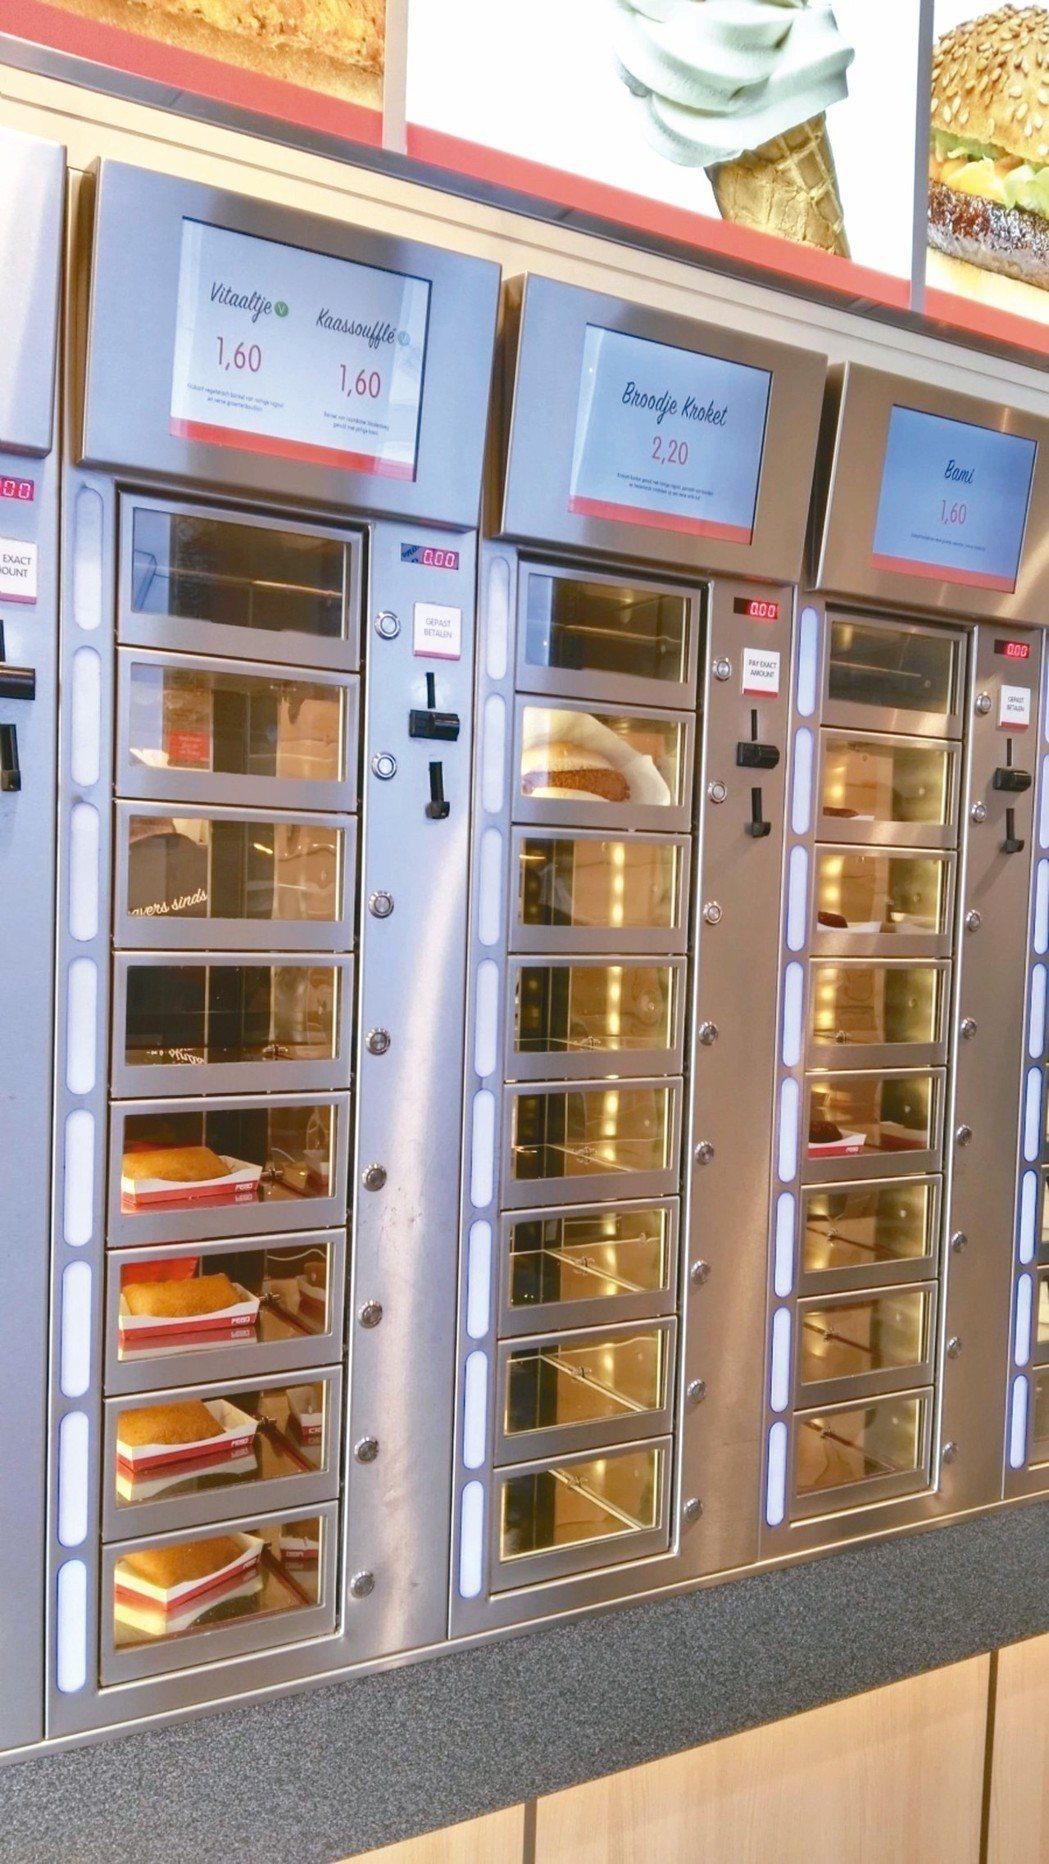 一格一格透明販賣機裡放滿速食。 攝影/周育如